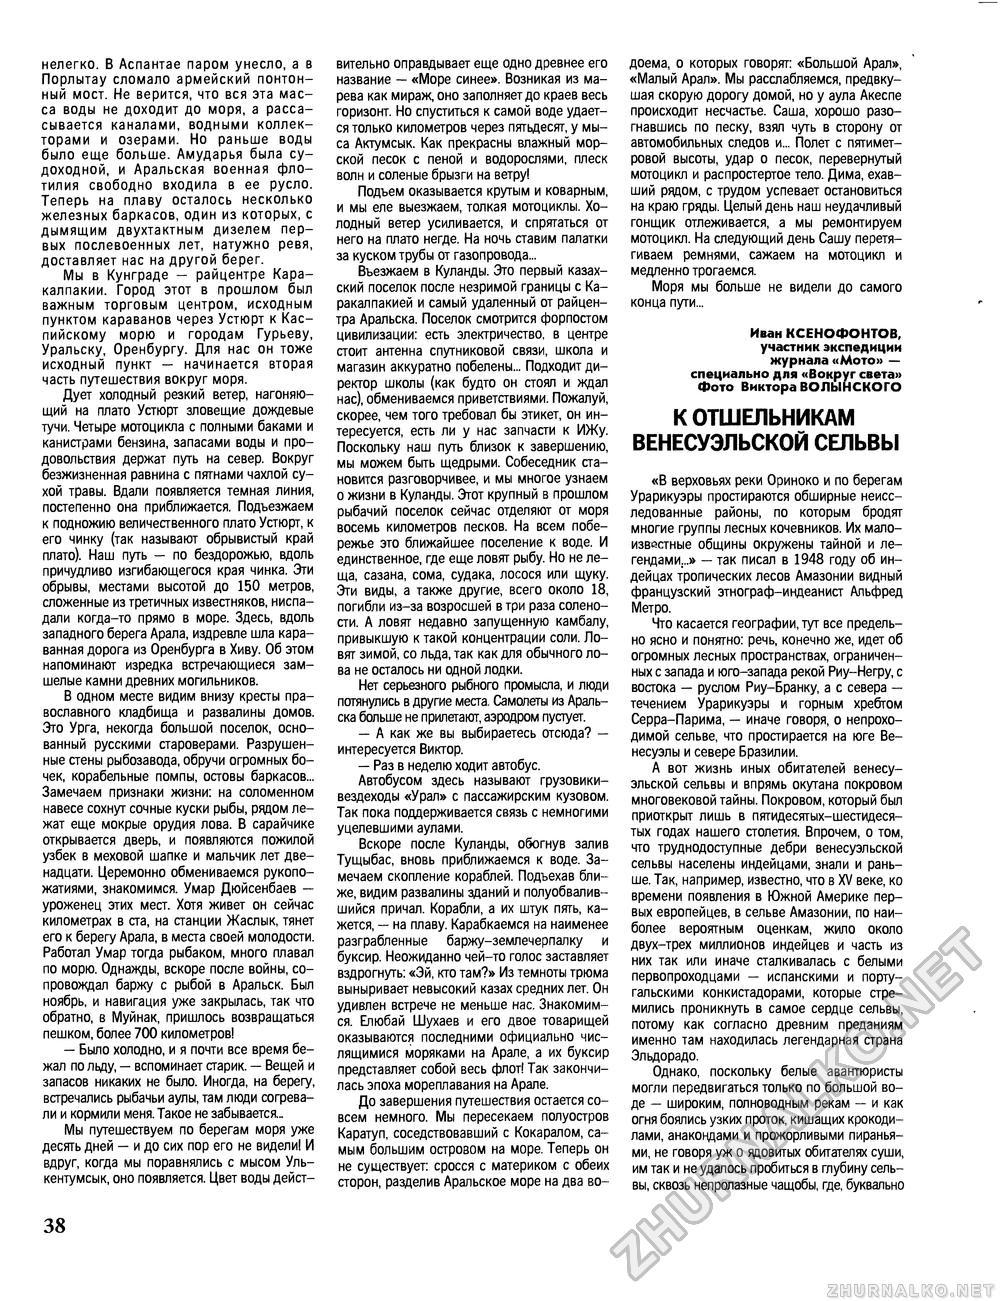 Вокруг света_11_1994_page0040